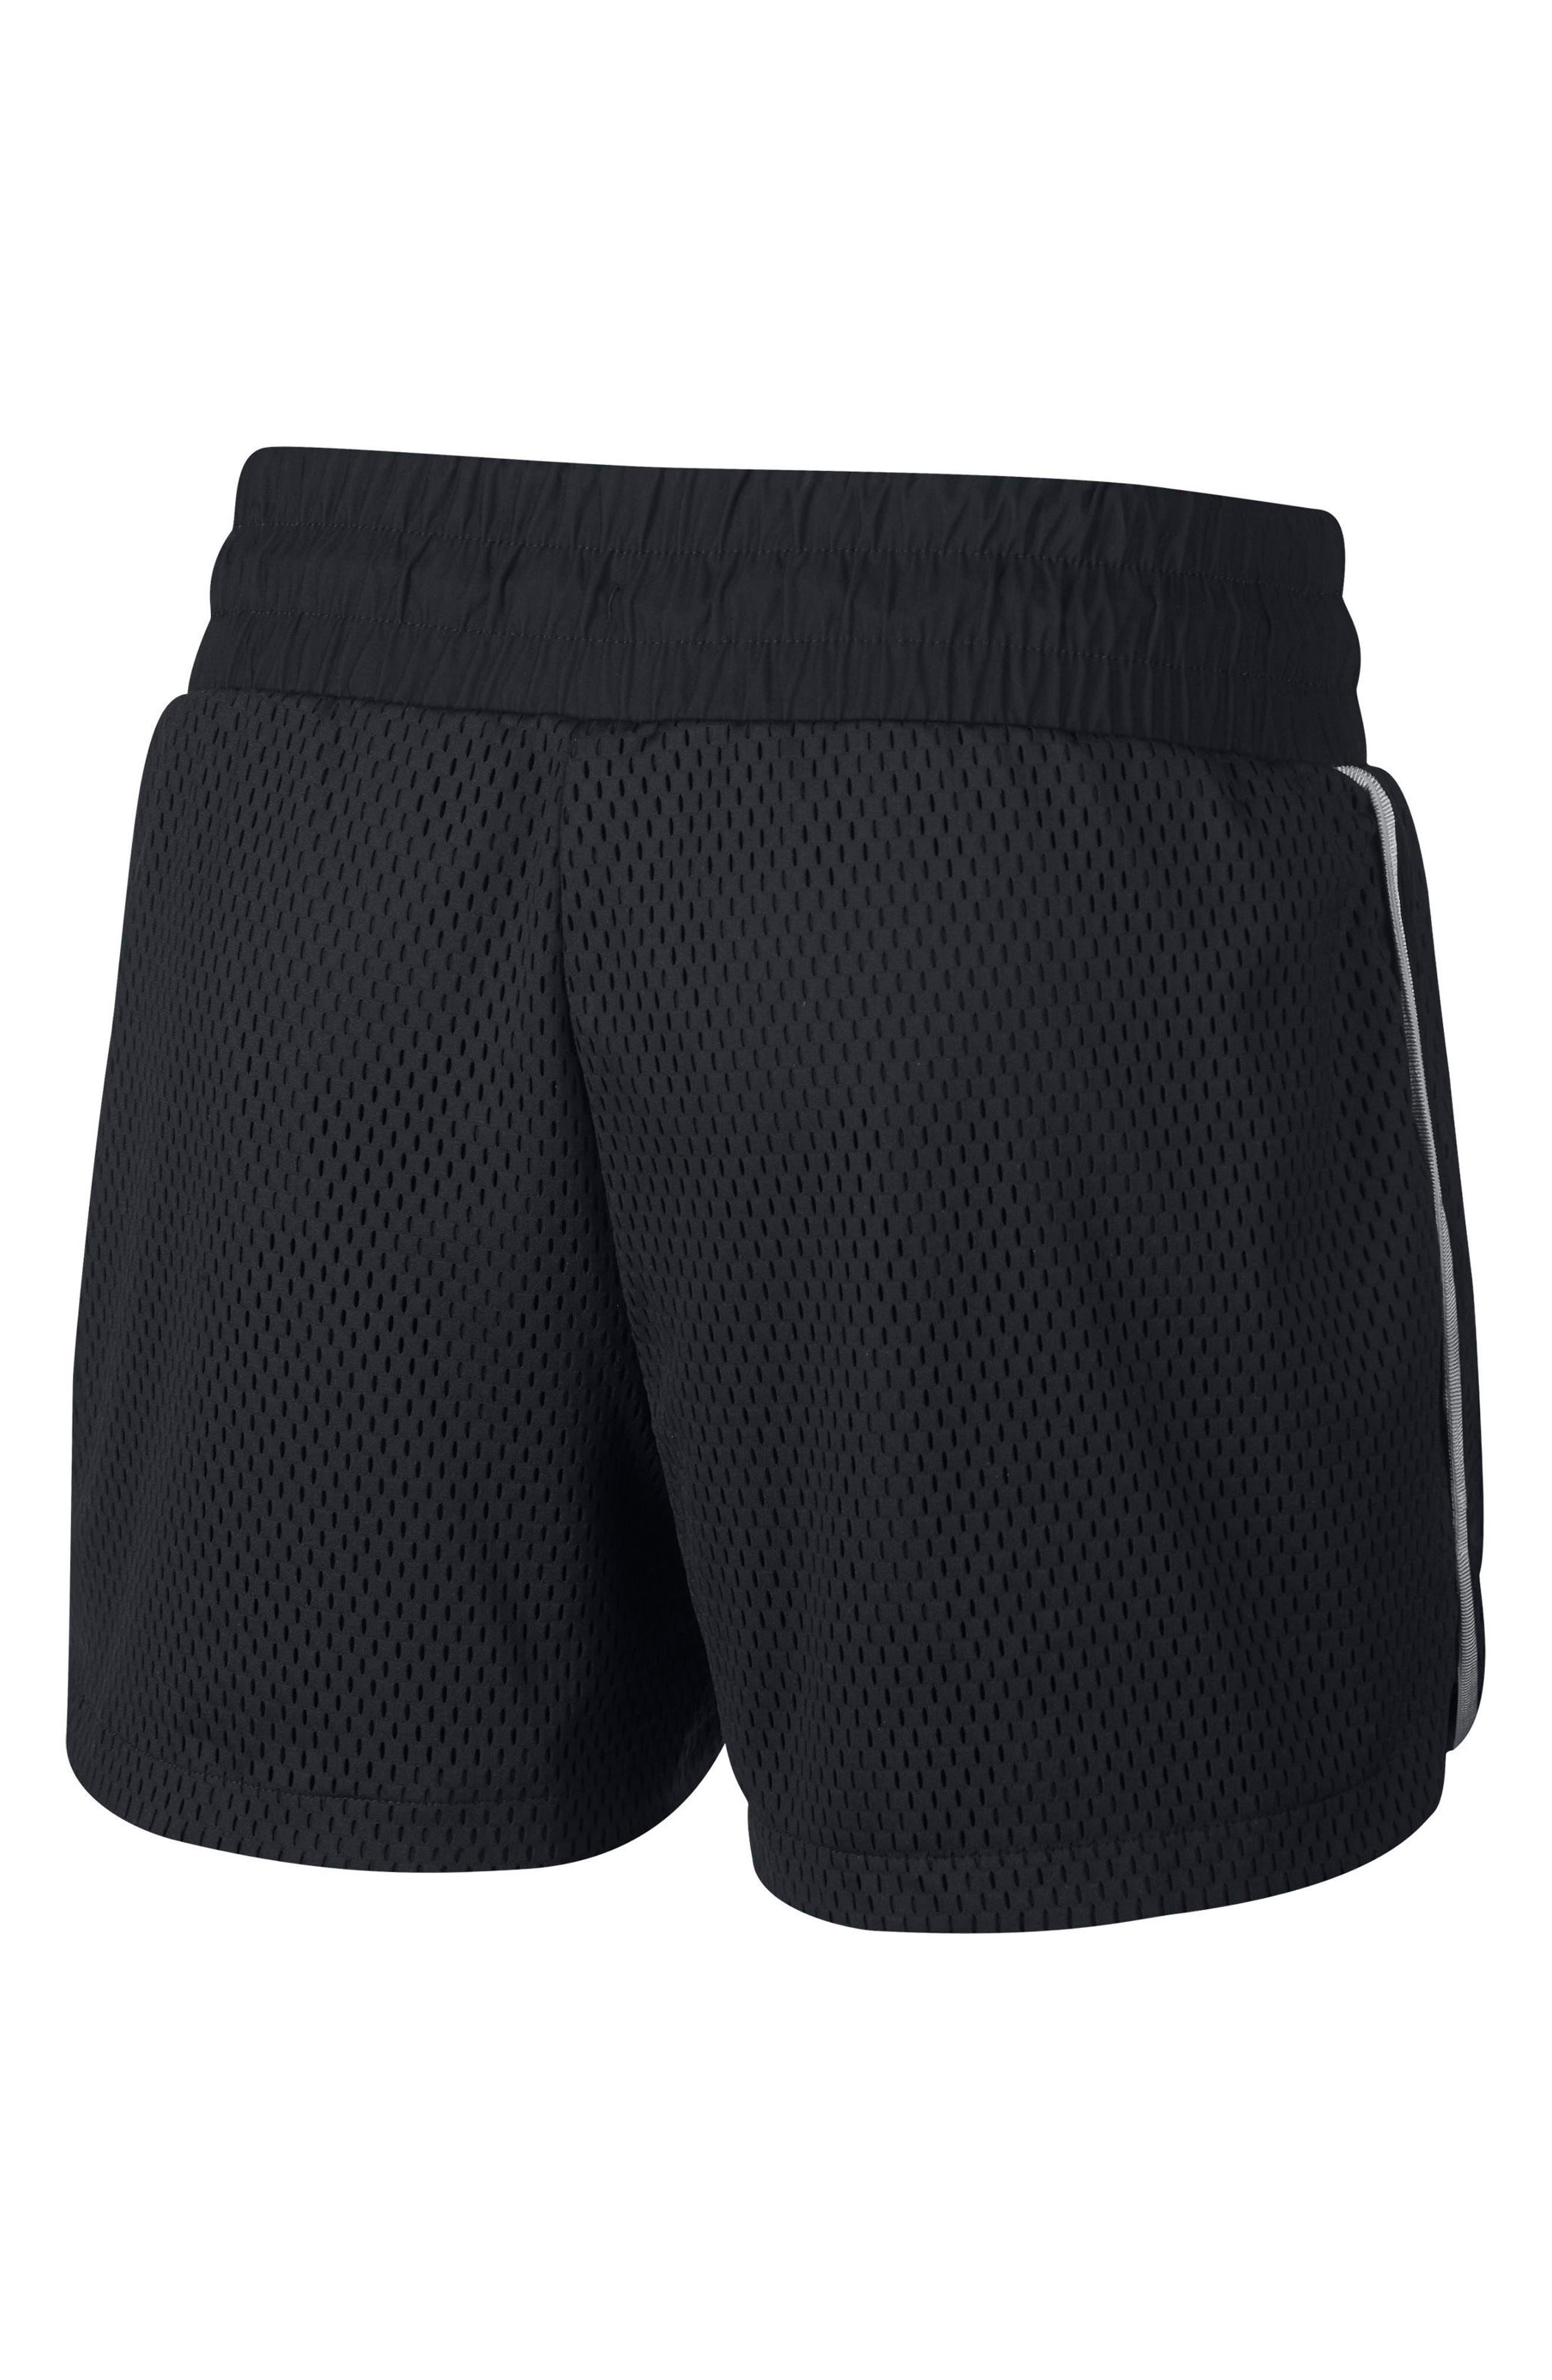 Sportswear Women's Dri-FIT Mesh Shorts,                             Alternate thumbnail 8, color,                             BLACK/ LIGHT BONE